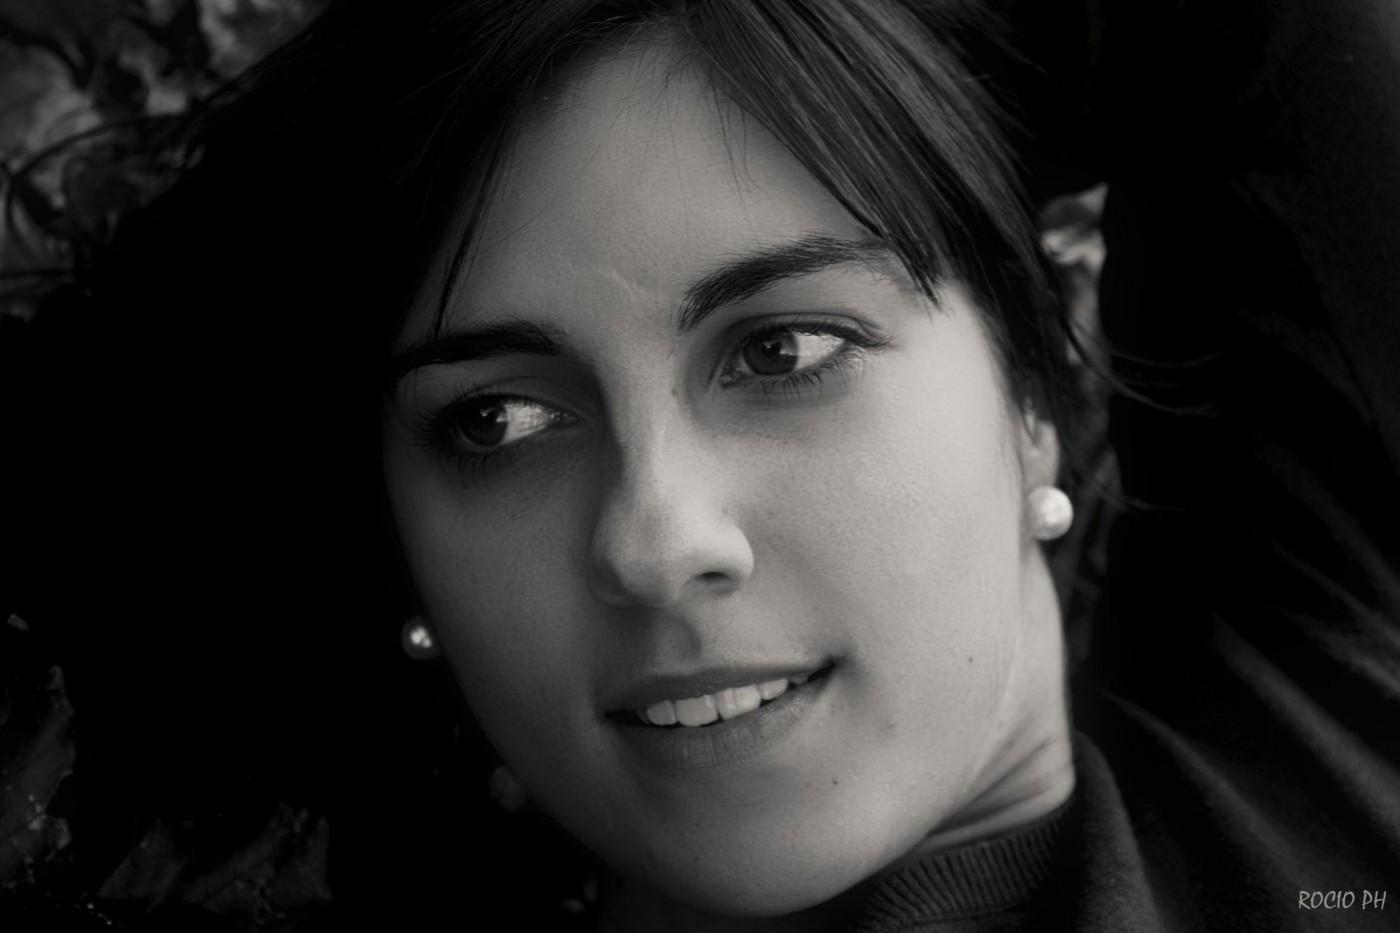 Fotografía Rocío PH Blog de Rocío Pardos, blog de Fotografía Profesional y Artística.